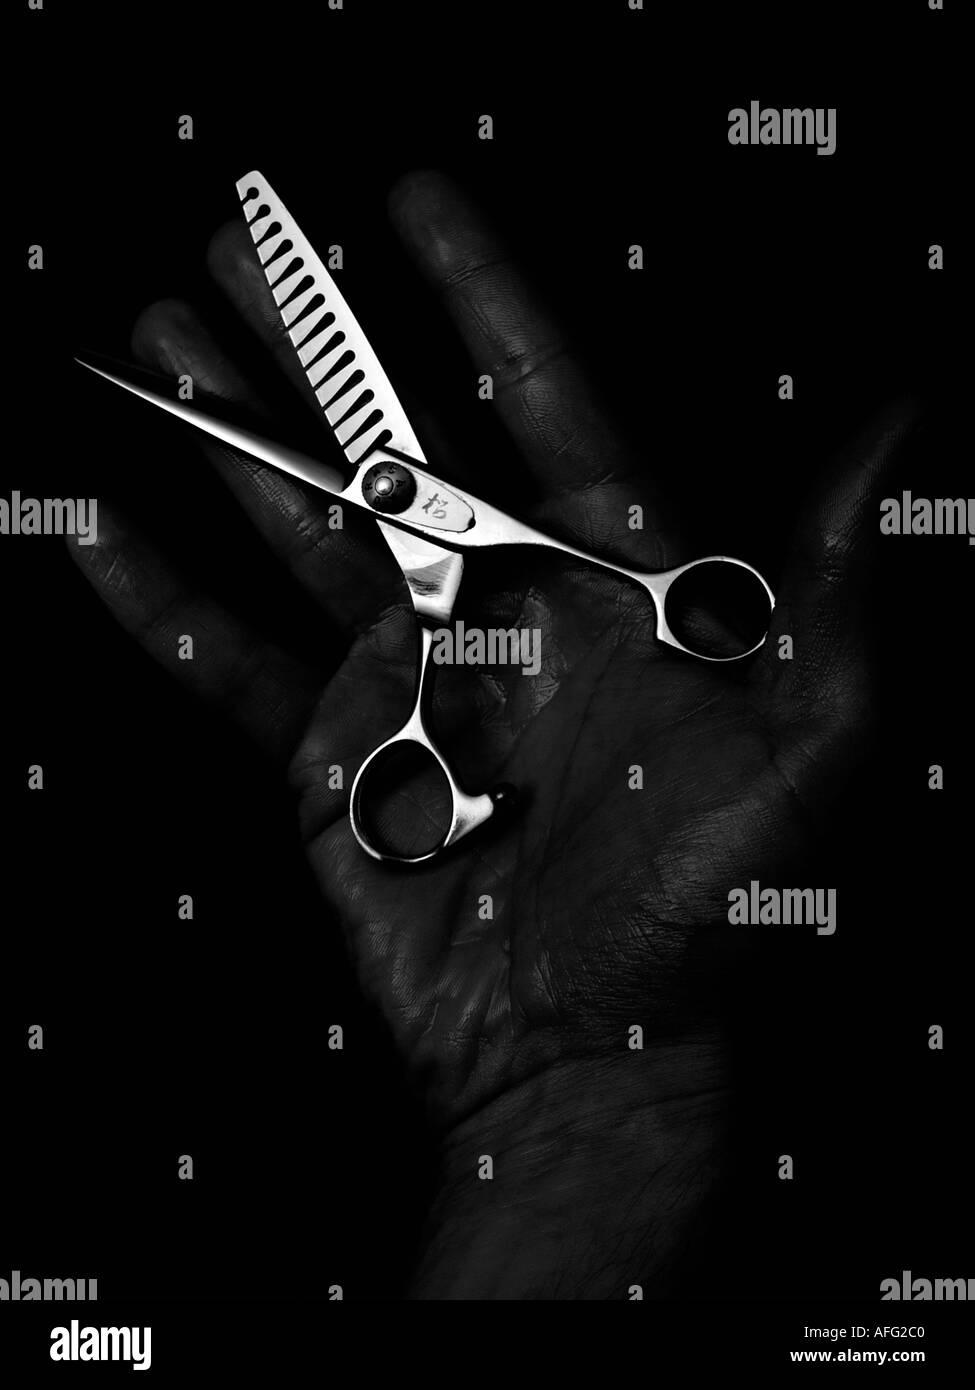 Einfarbige dunkle zurückhaltend Schuss von einem mans Hand mit ganz besonderen Friseur Schere Scheren Stockfoto